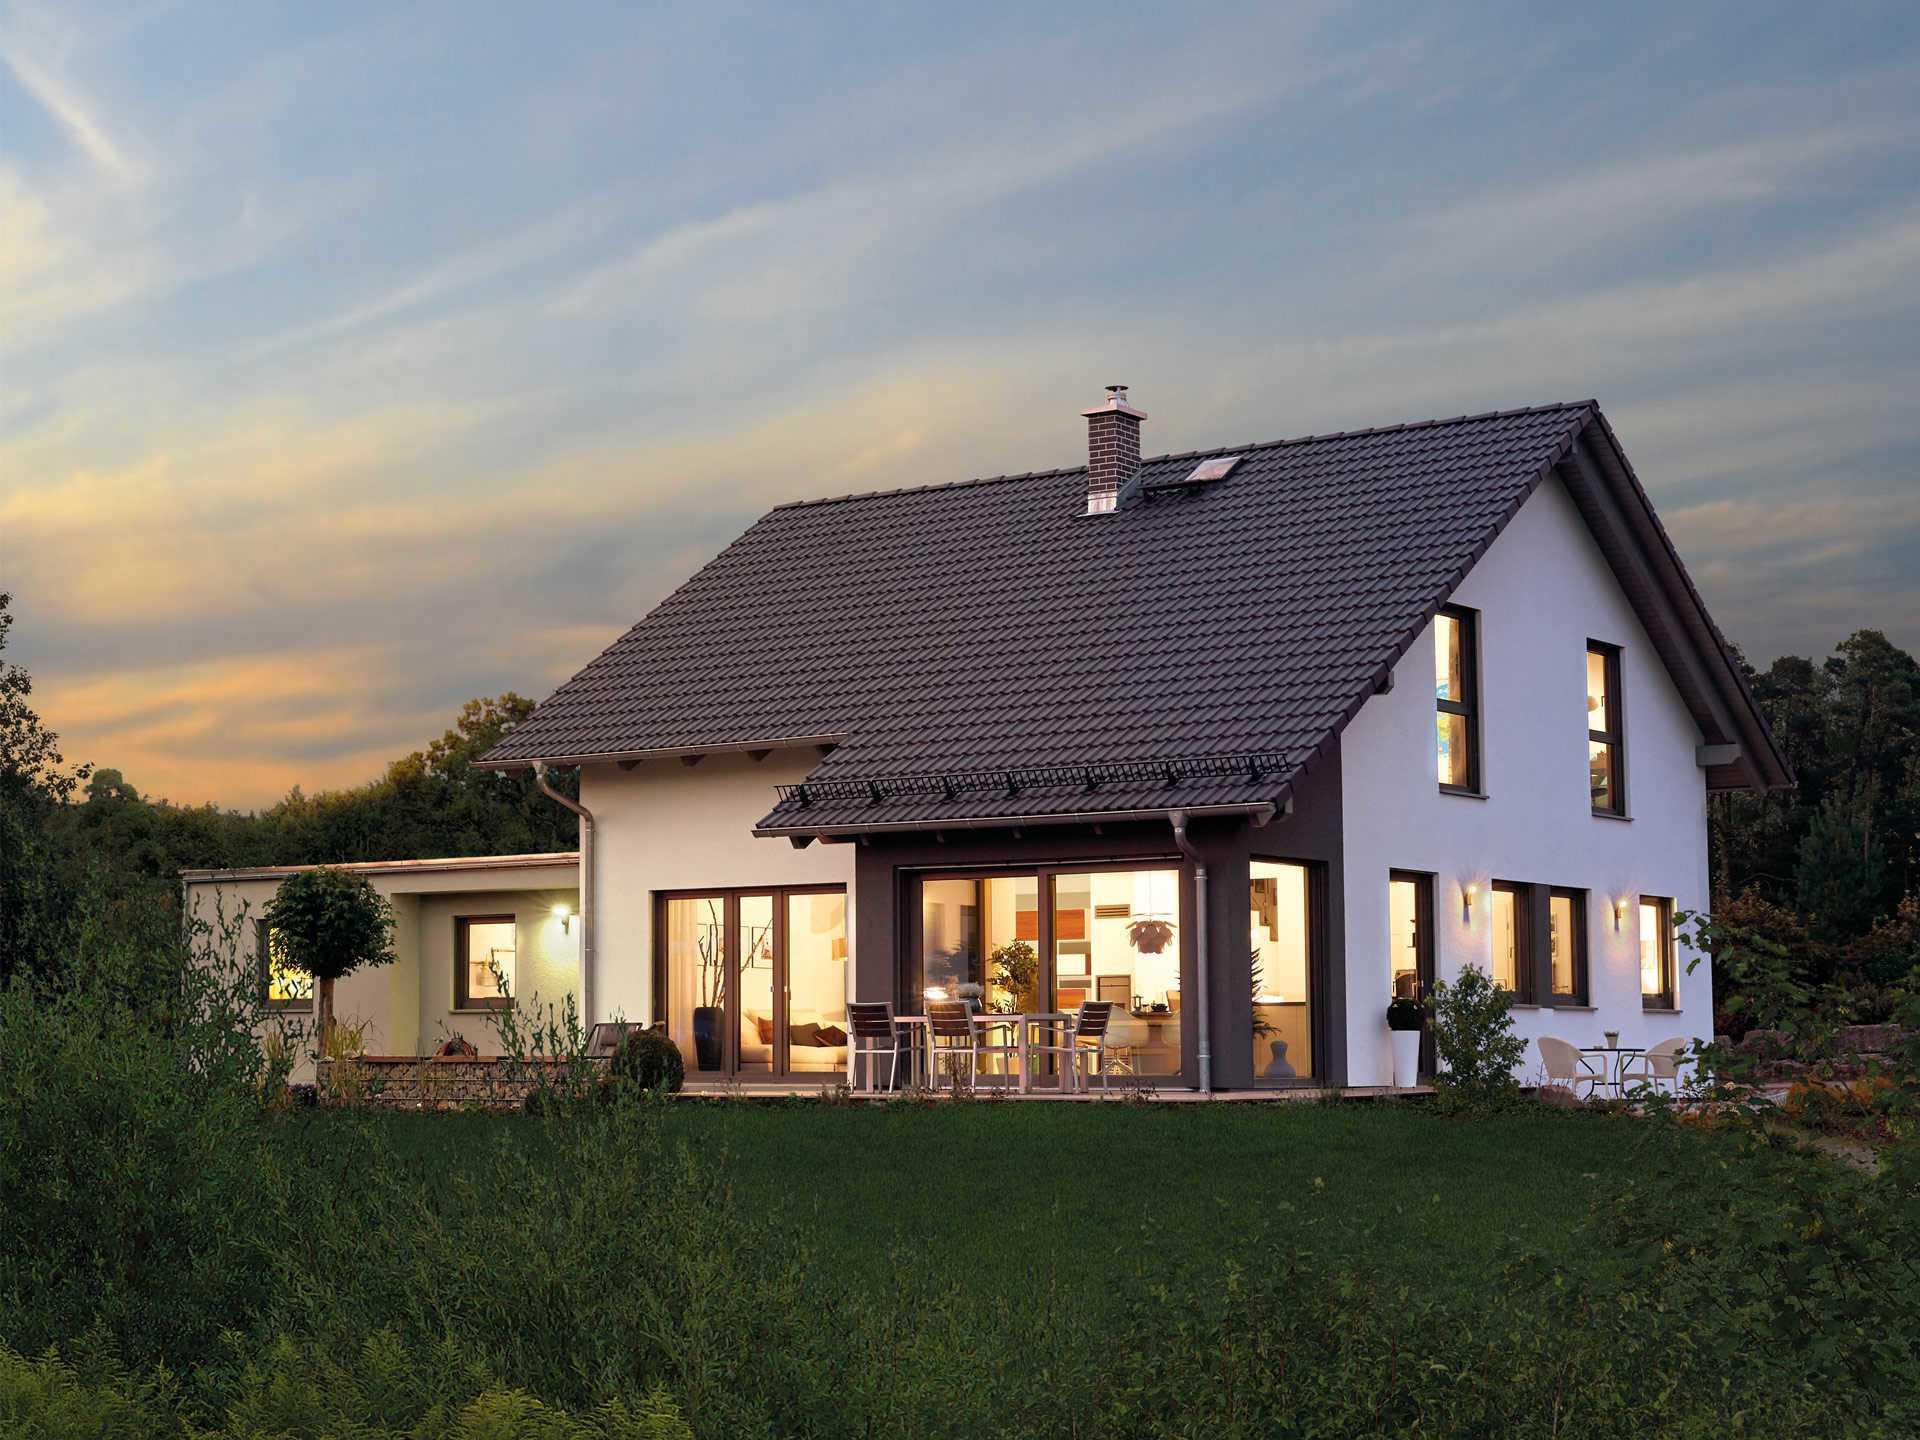 ^ Musterhaus.net - Das Hausbau-Portal für Bauinteressierte